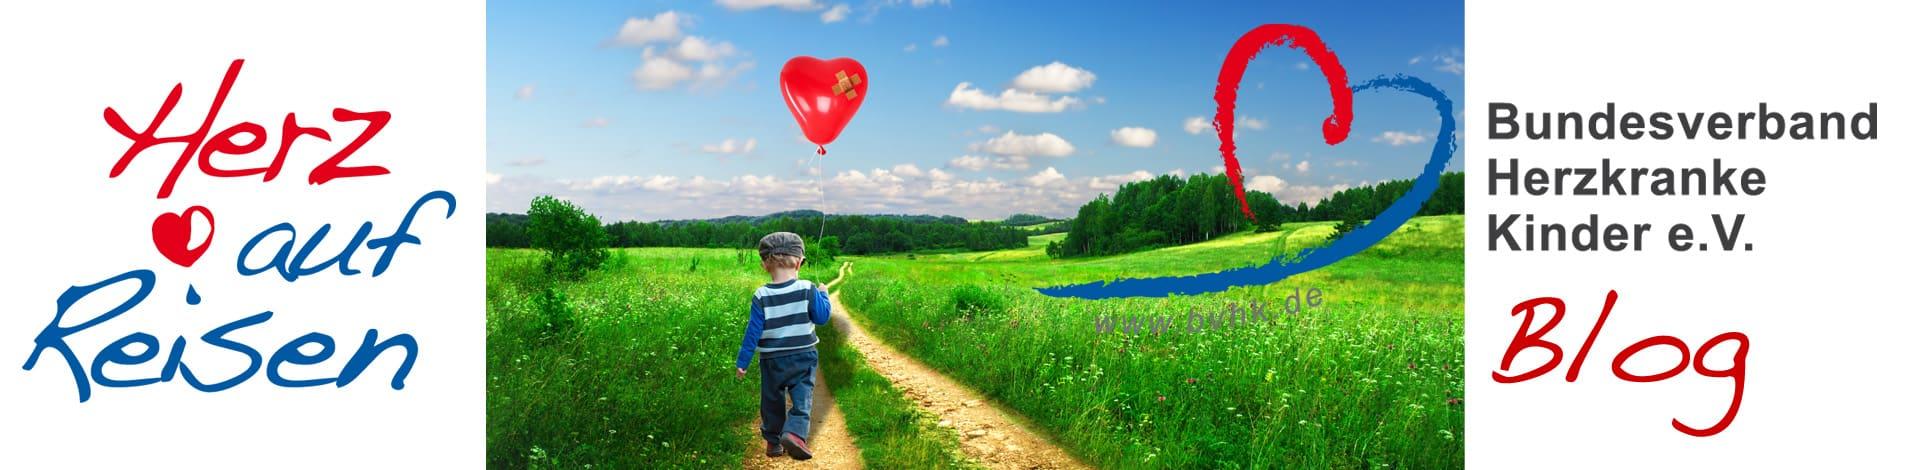 Herz auf Reisen-BVHK Blog-Slider